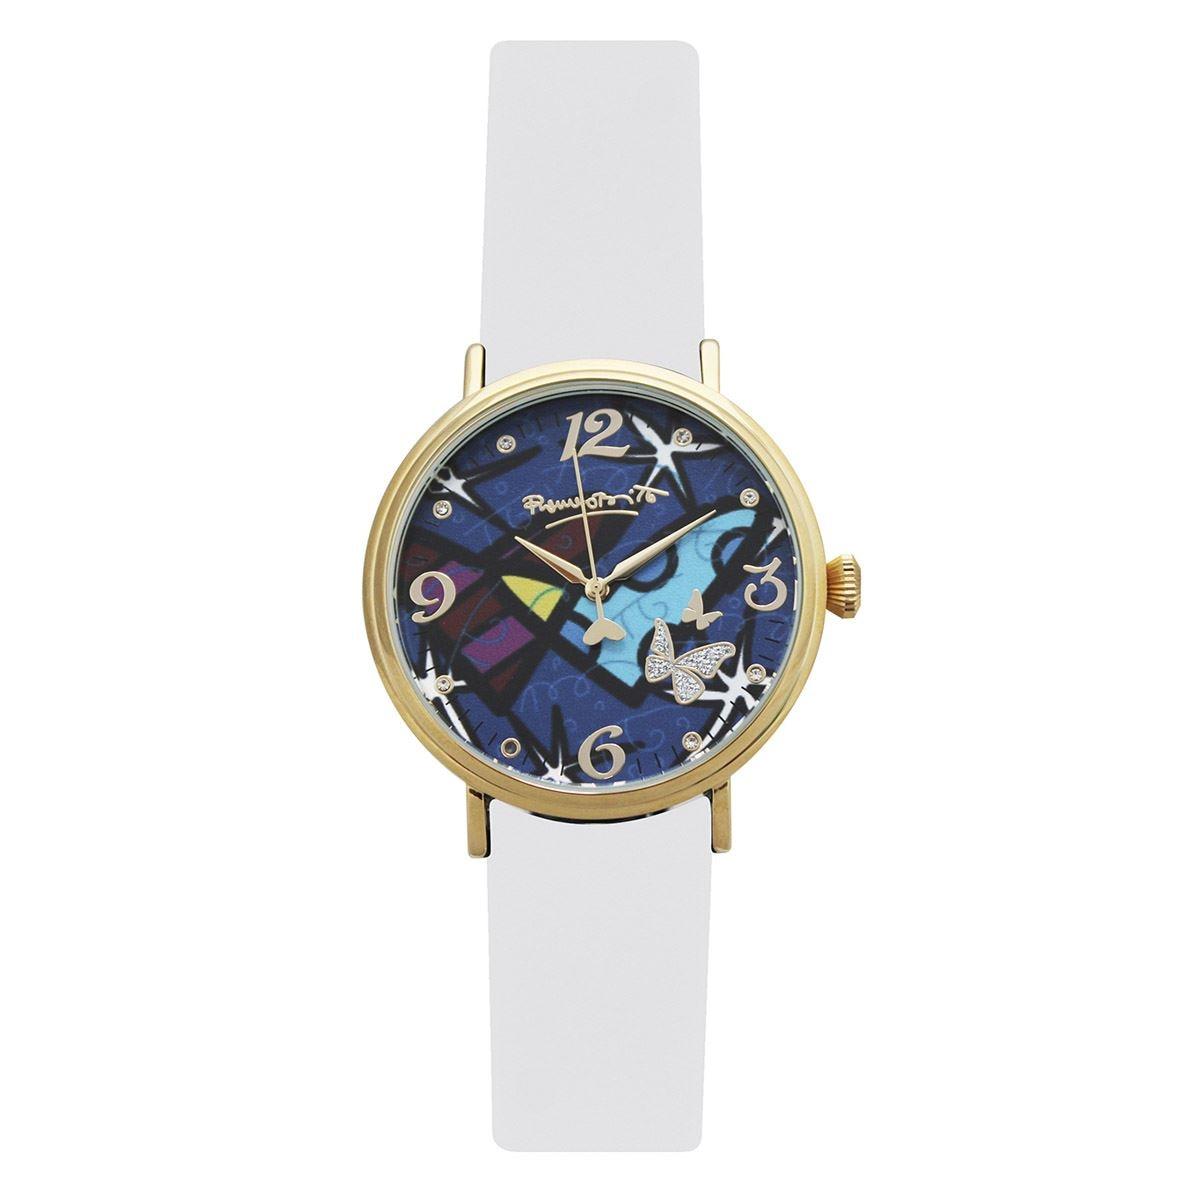 Reloj romero britto arbcs01bl dama  - Sanborns